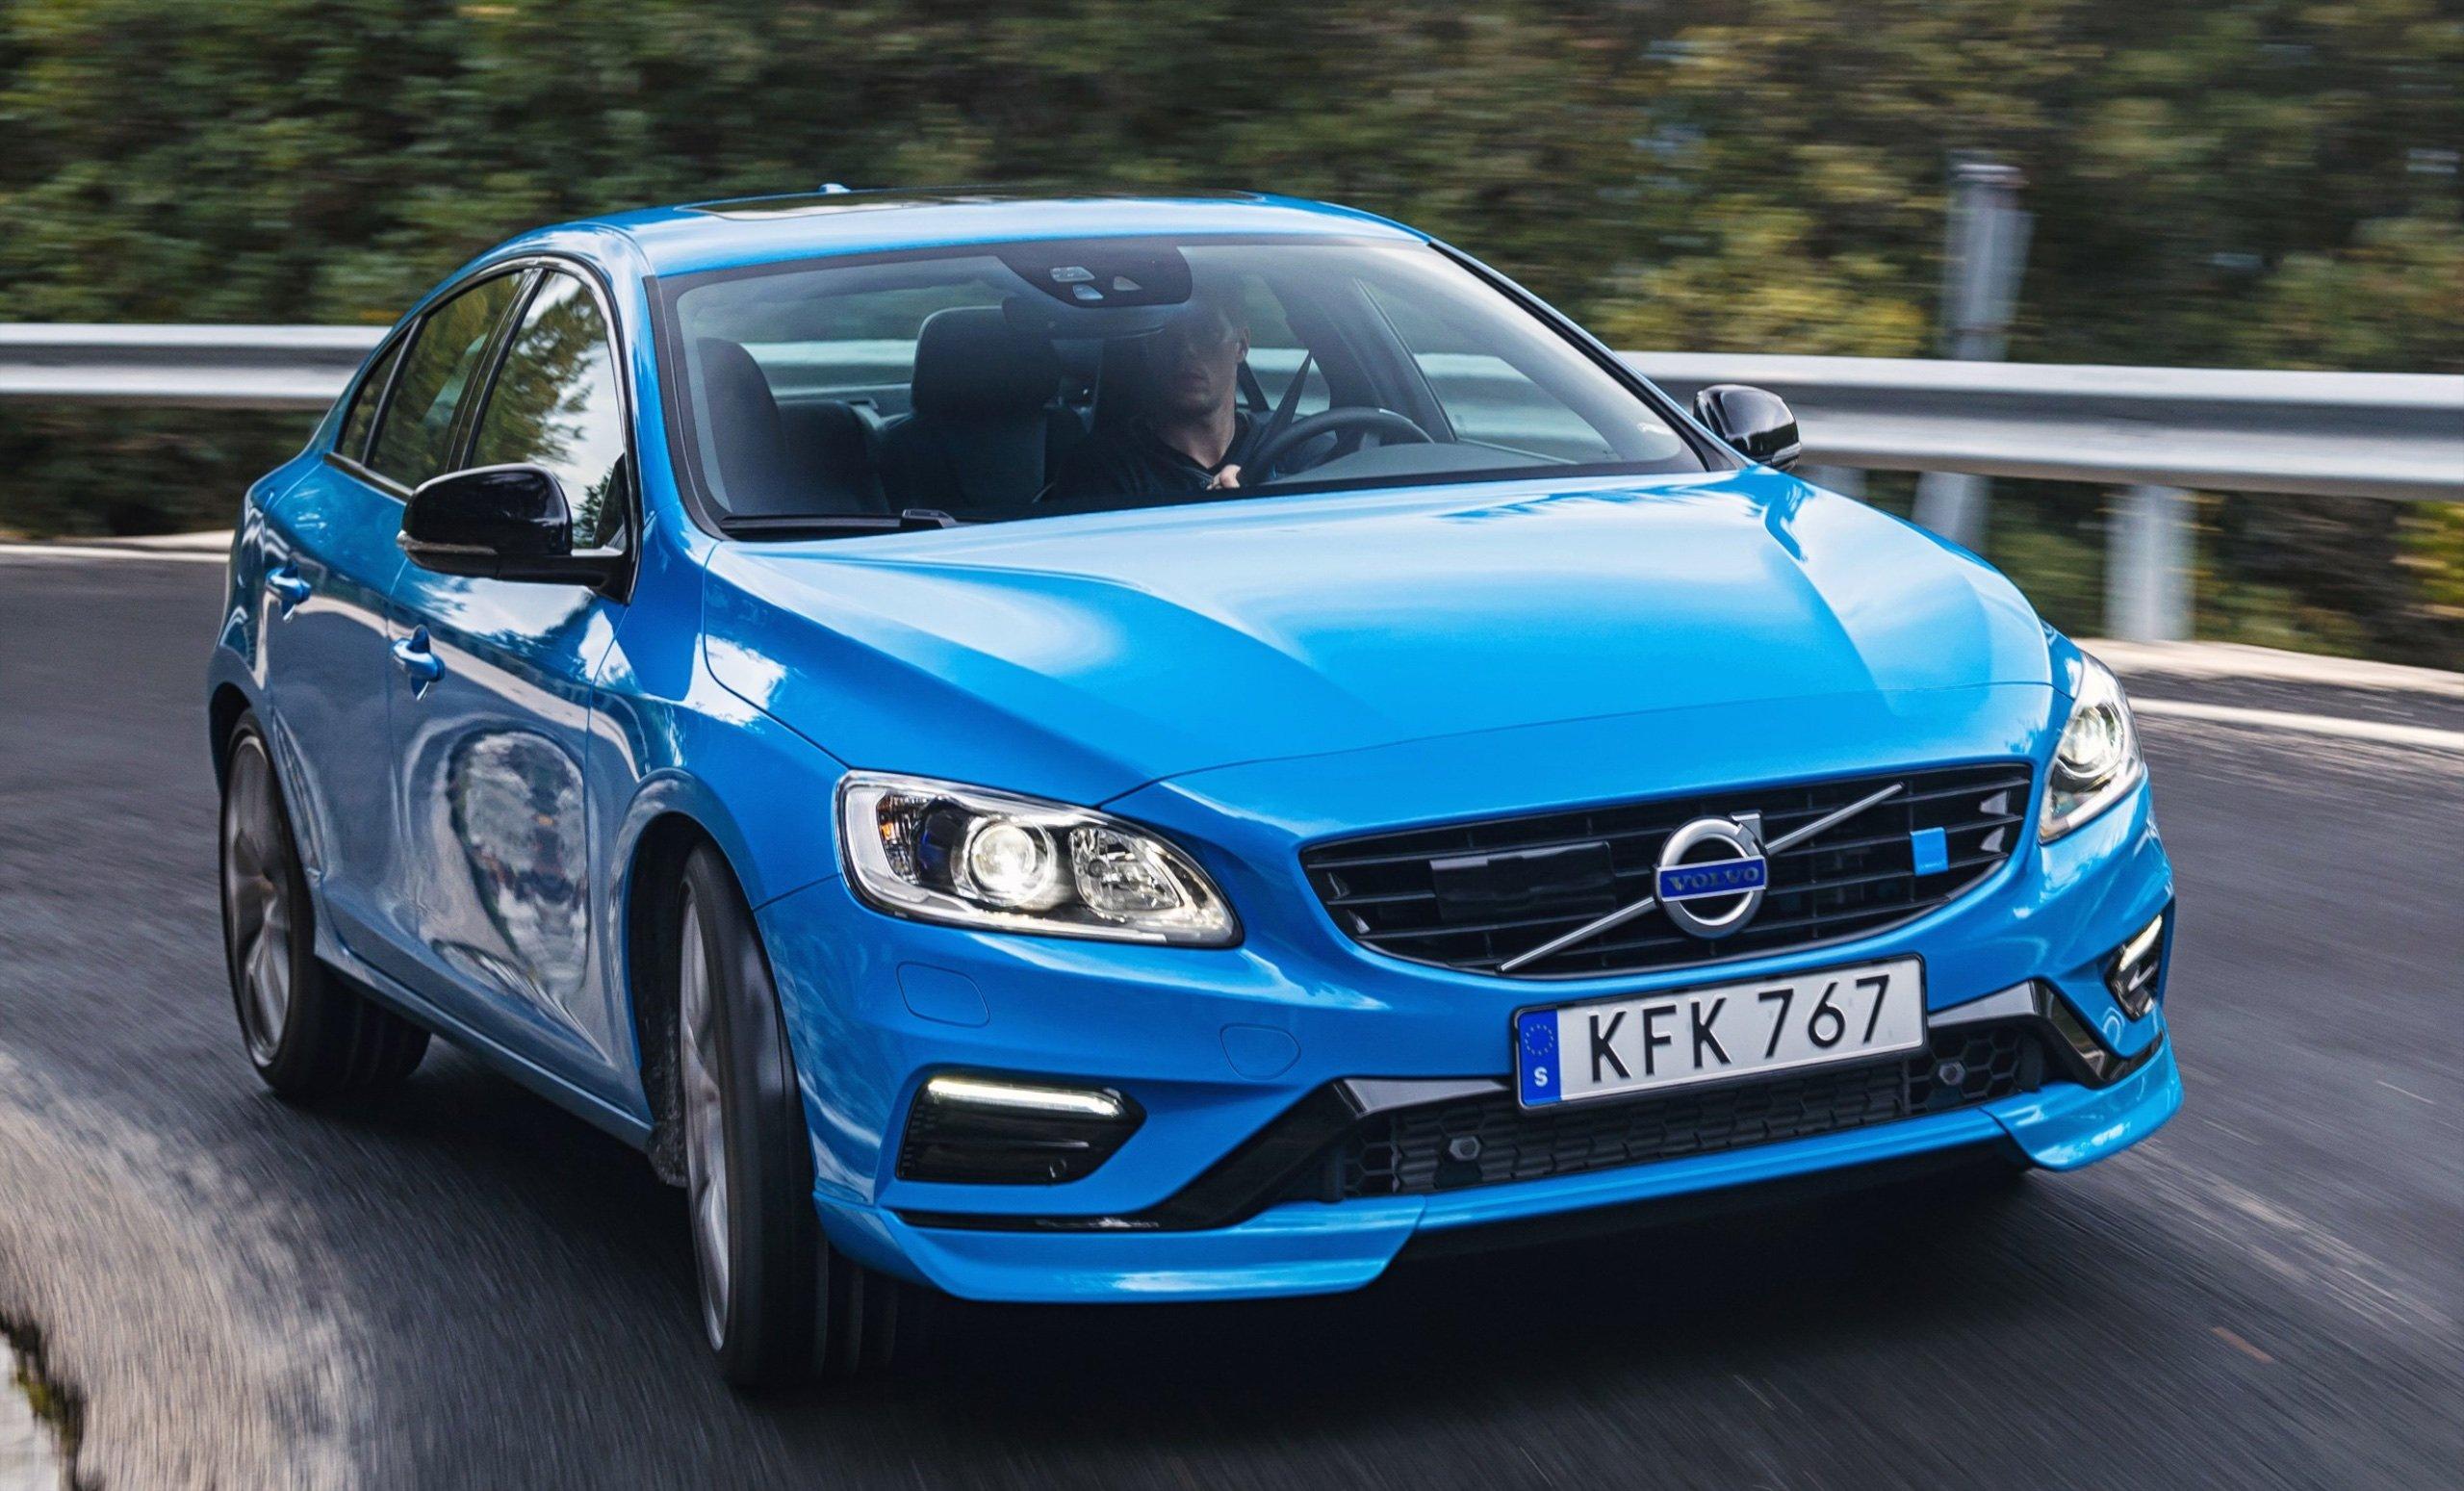 Volvo S60 Polestar >> Volvo rolls out 367 hp, 470 Nm AWD S60/V60 Polestar Paul Tan - Image 470875